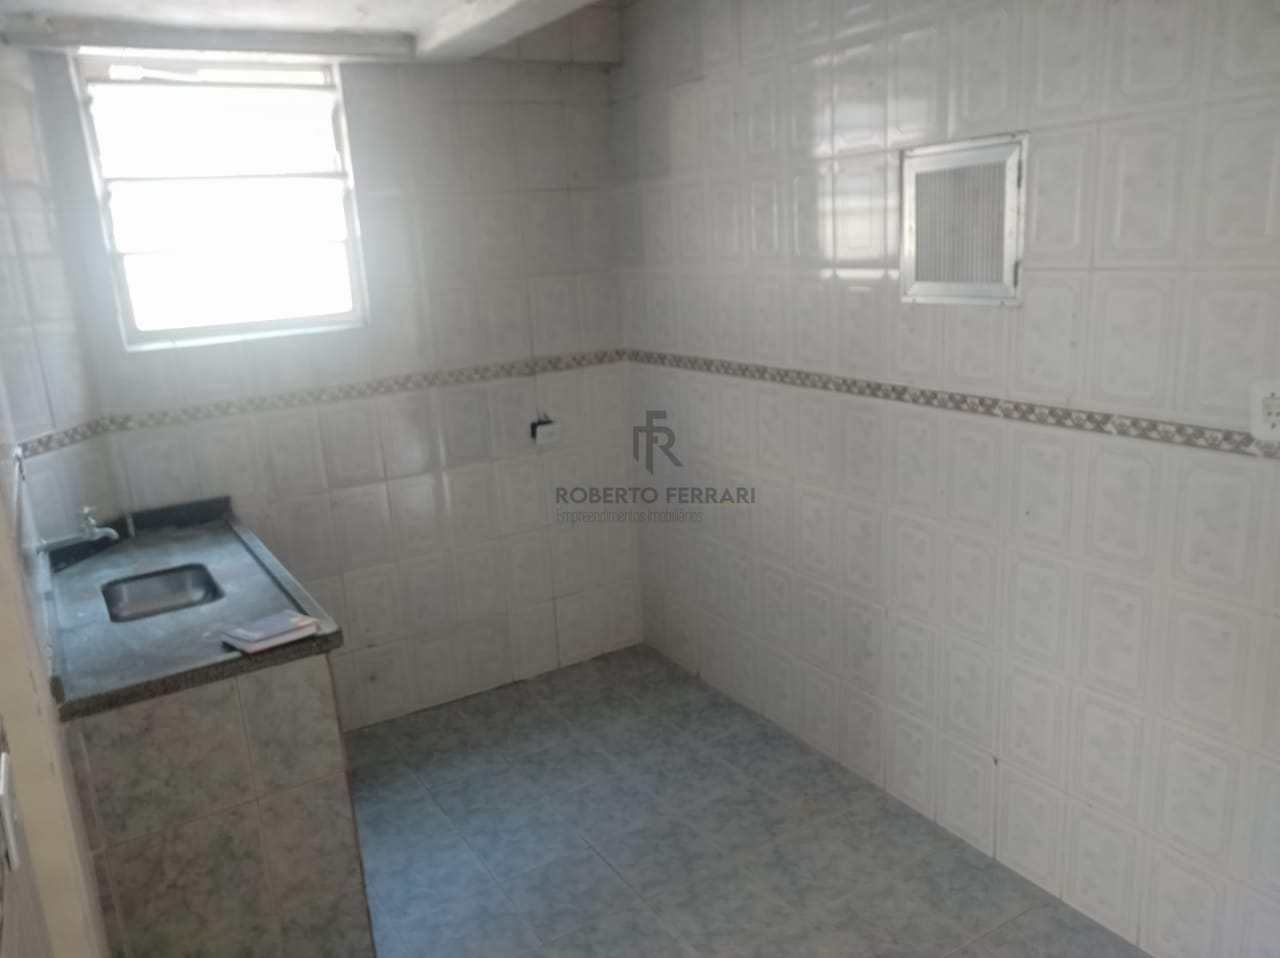 Apartamento com 1 dorm, Caiçara, Praia Grande, Cod: 155